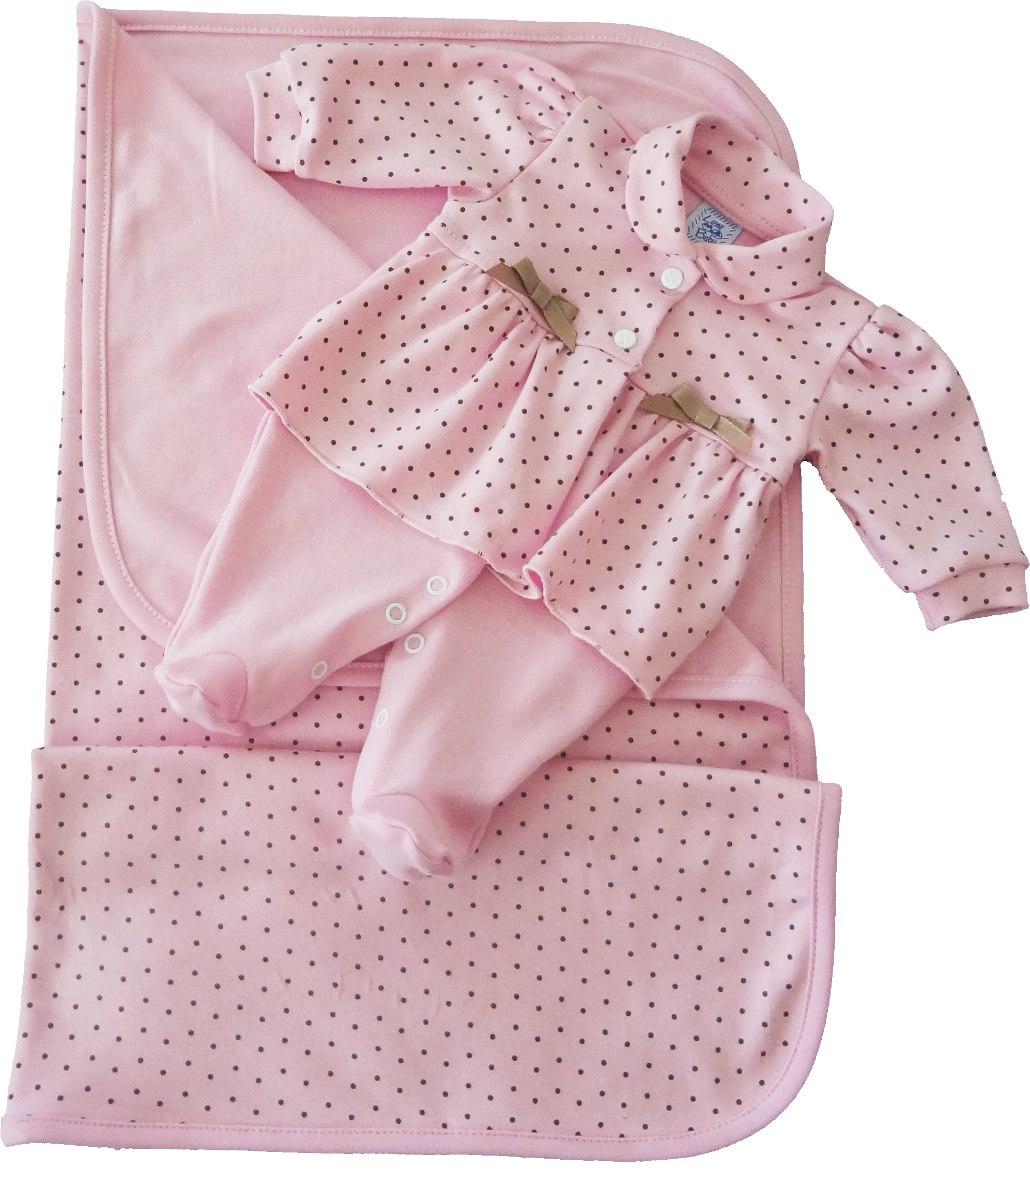 4116 saida de maternidade para beb prematuro r 99 10 - Comprar cambiador bebe ...